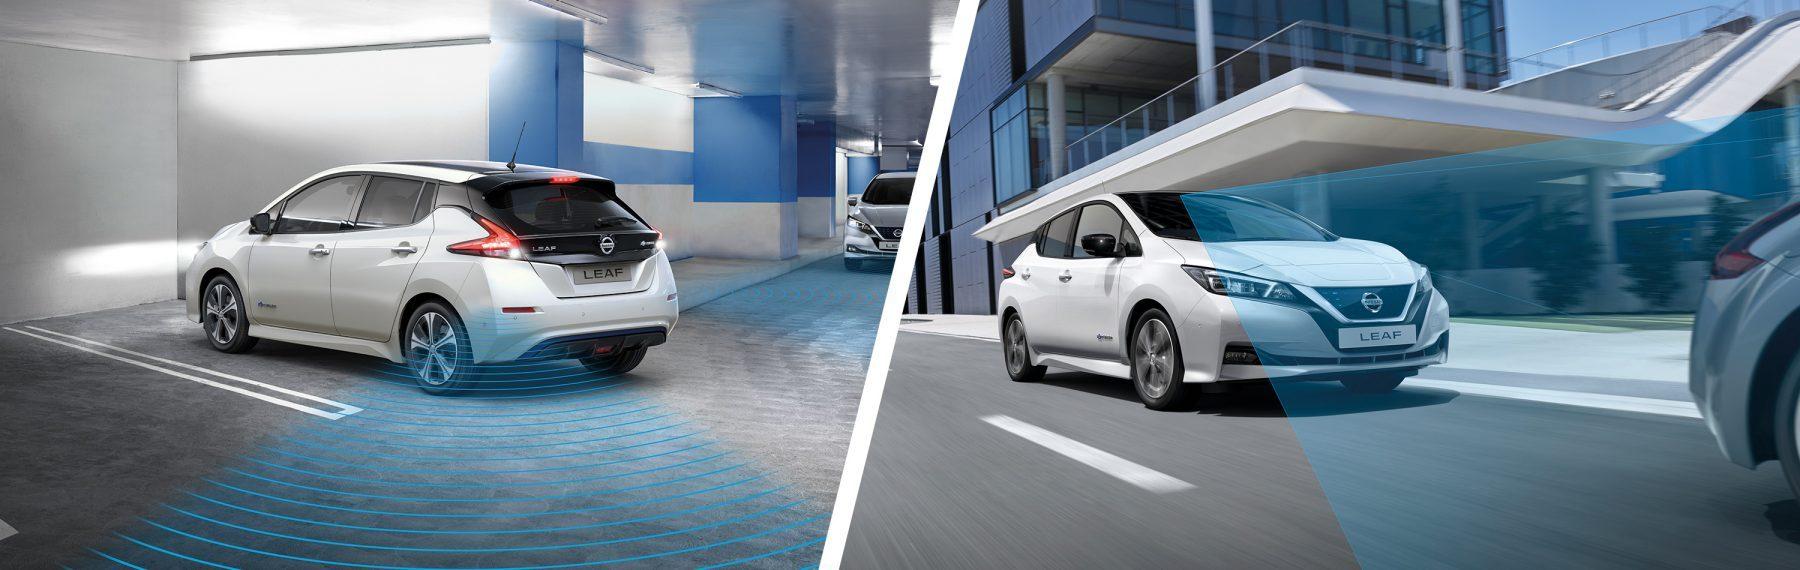 Nieuwe Nissan LEAF rijdt een parkeerplaats uit en nieuwe Nissan LEAF rijdt in de stad